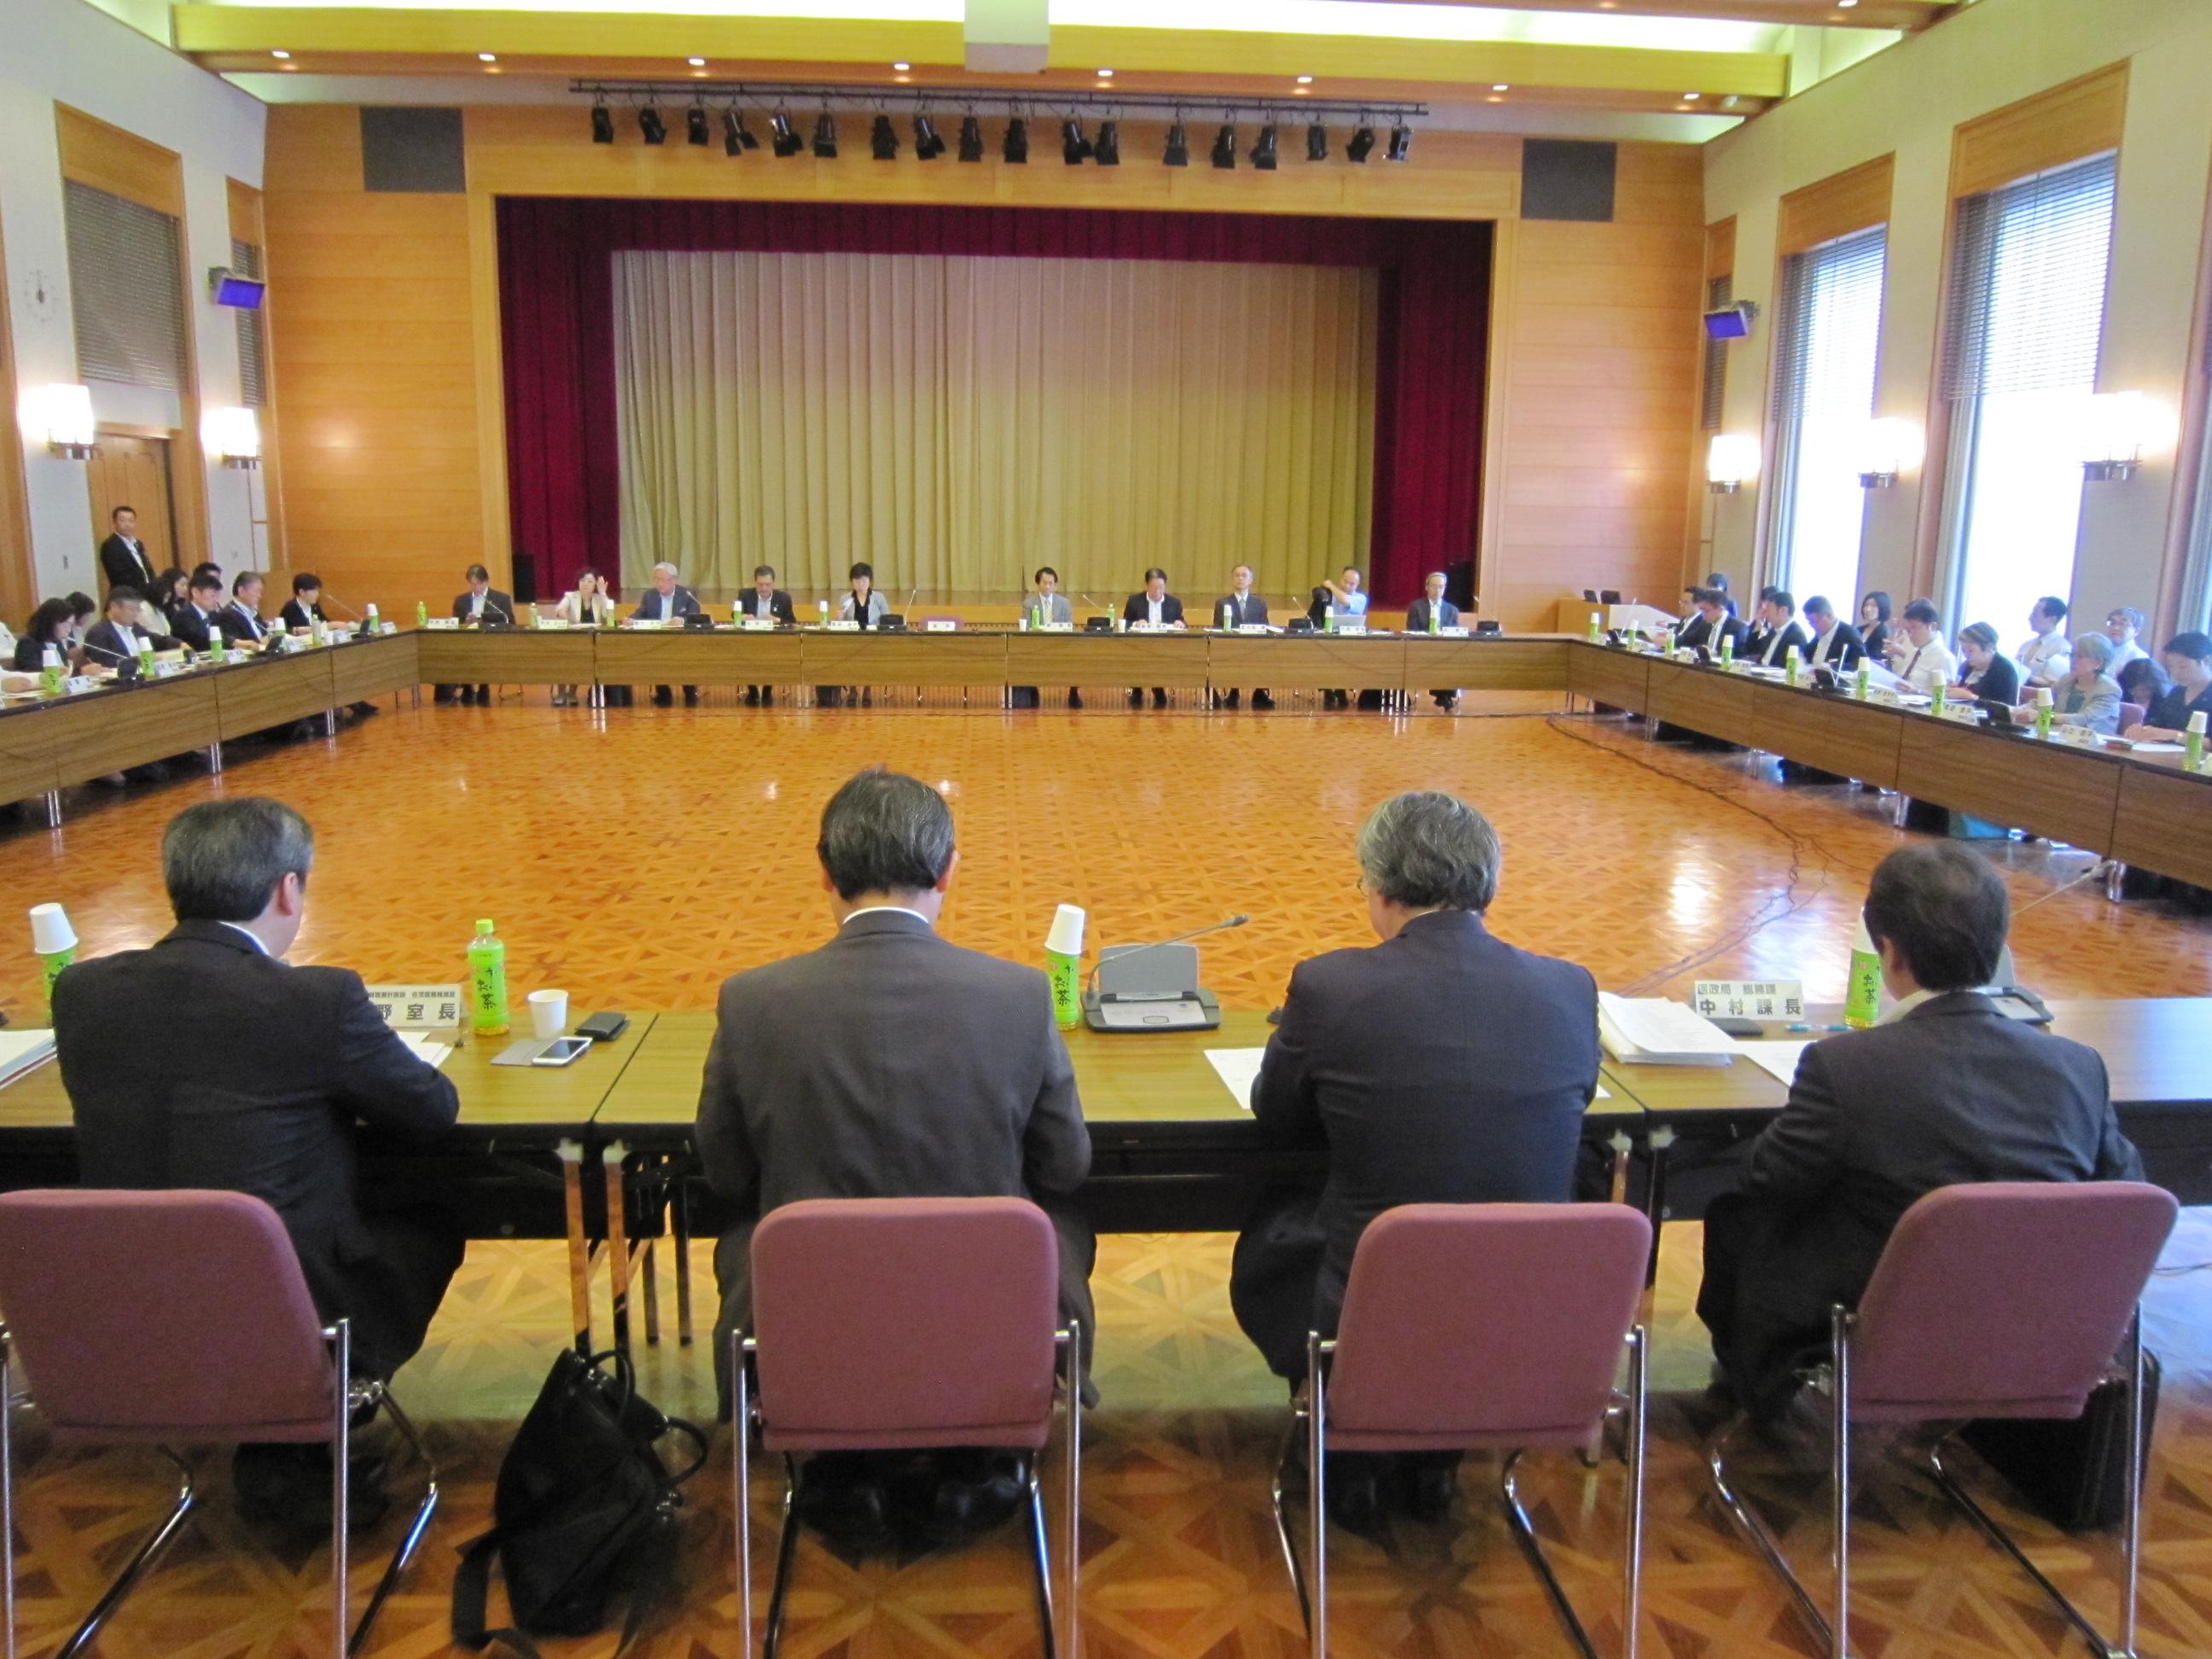 7月6日に開催された、「第1回 全国在宅医療会議」